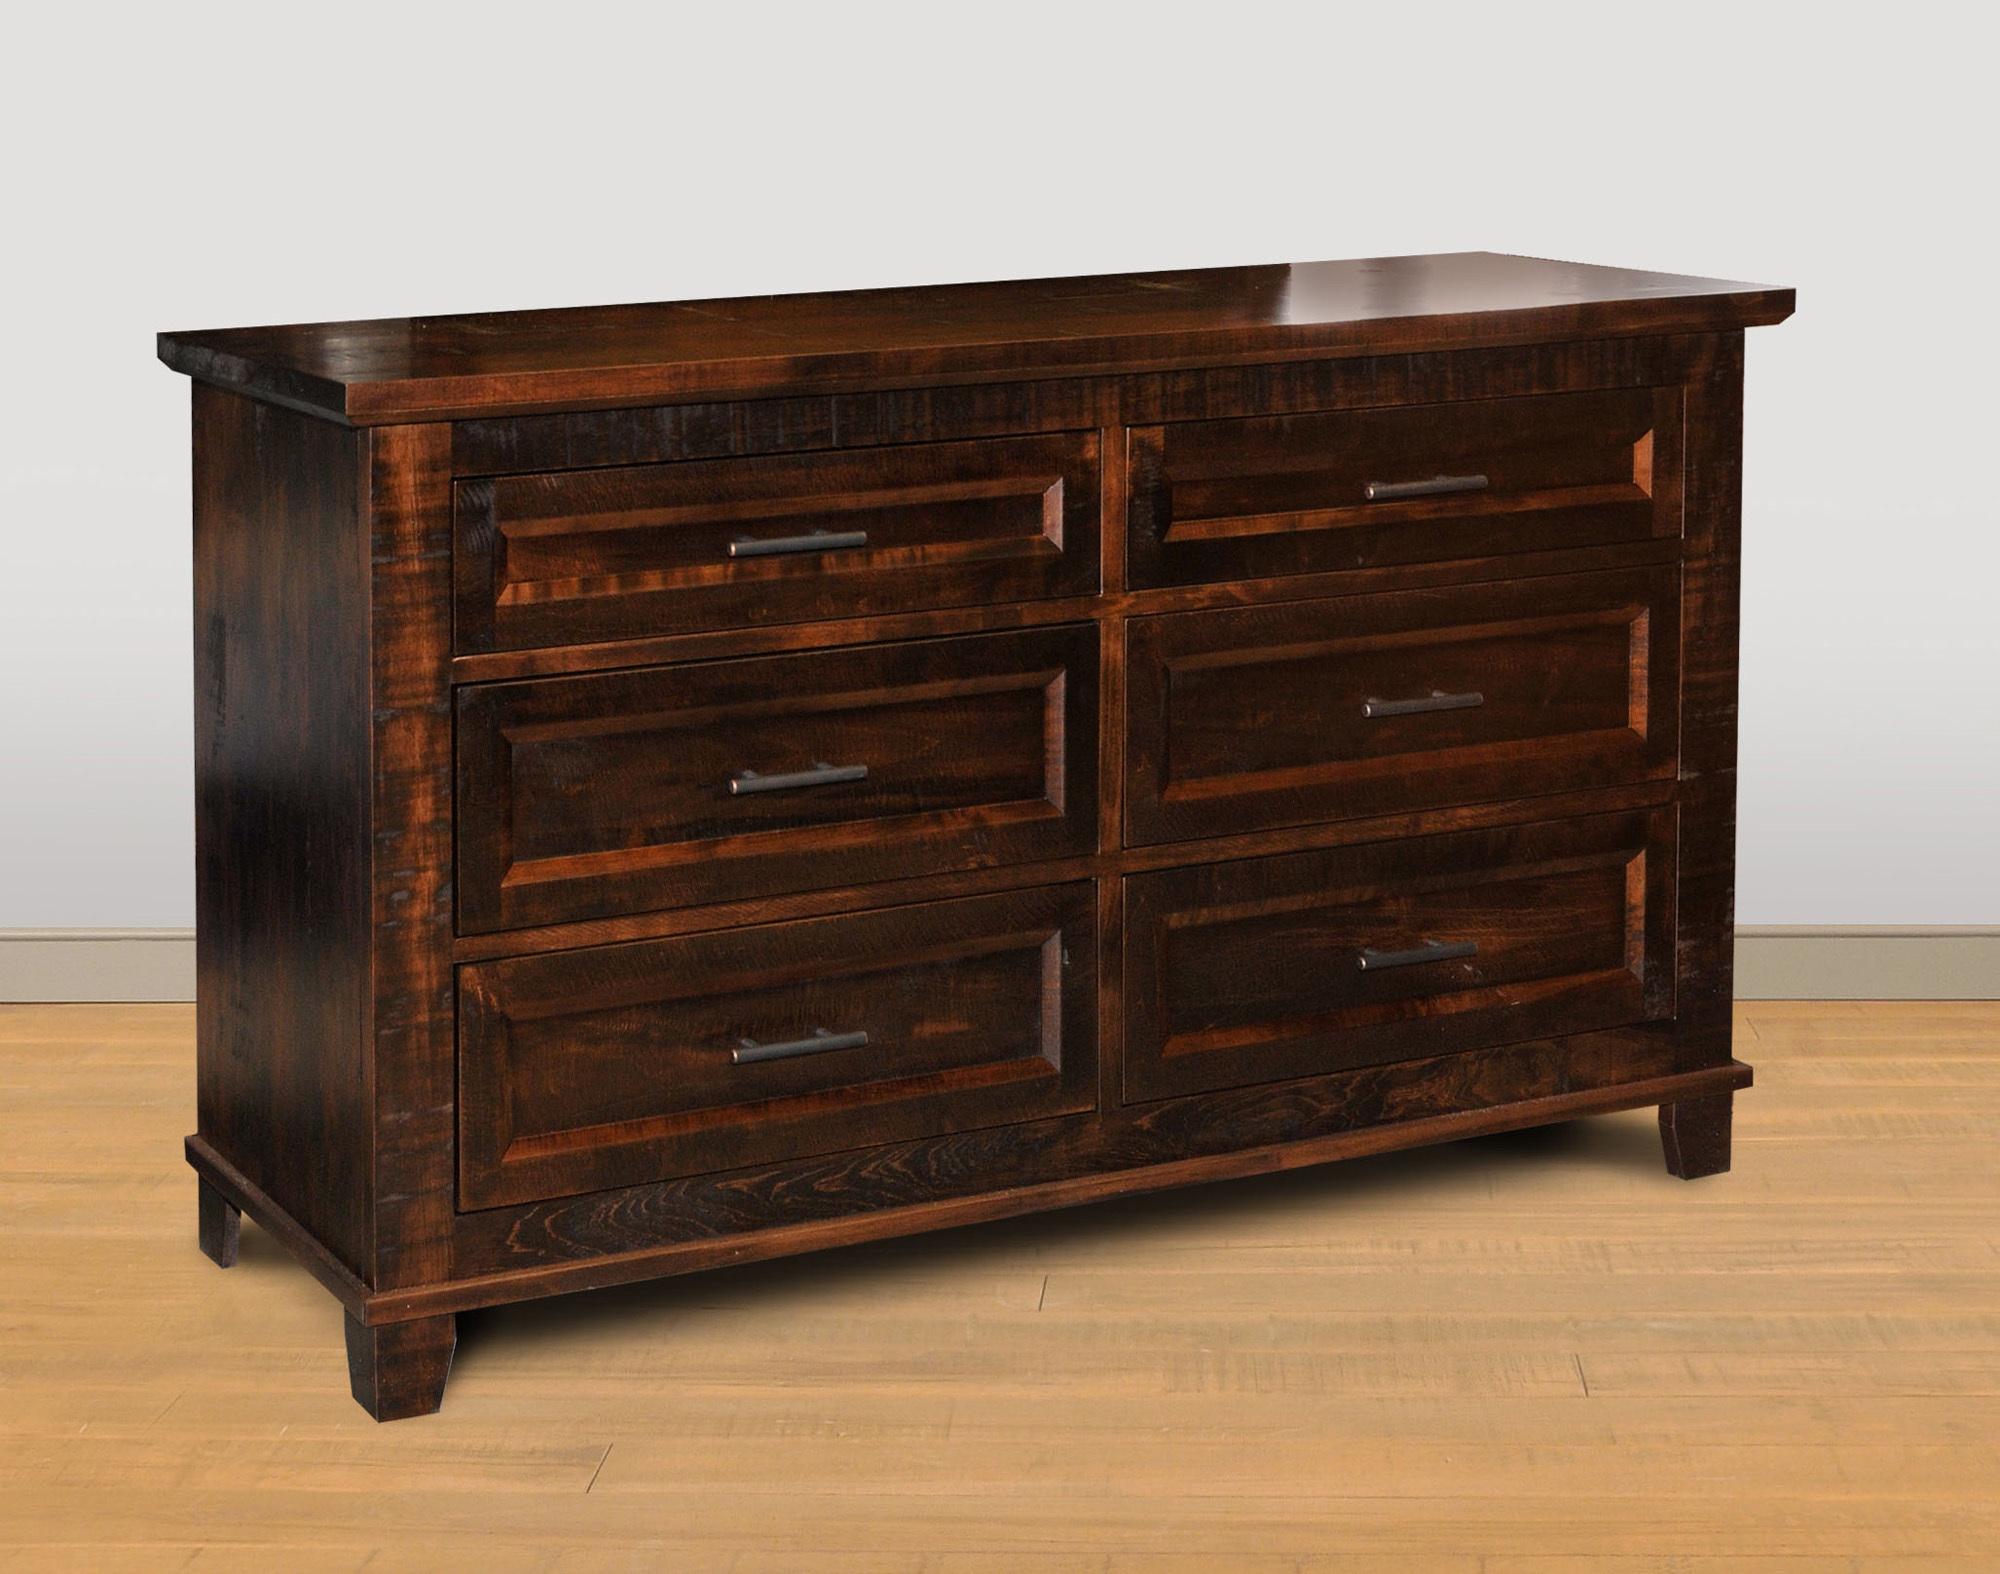 Algonquin Dresser by Ruff Sawn a18-w